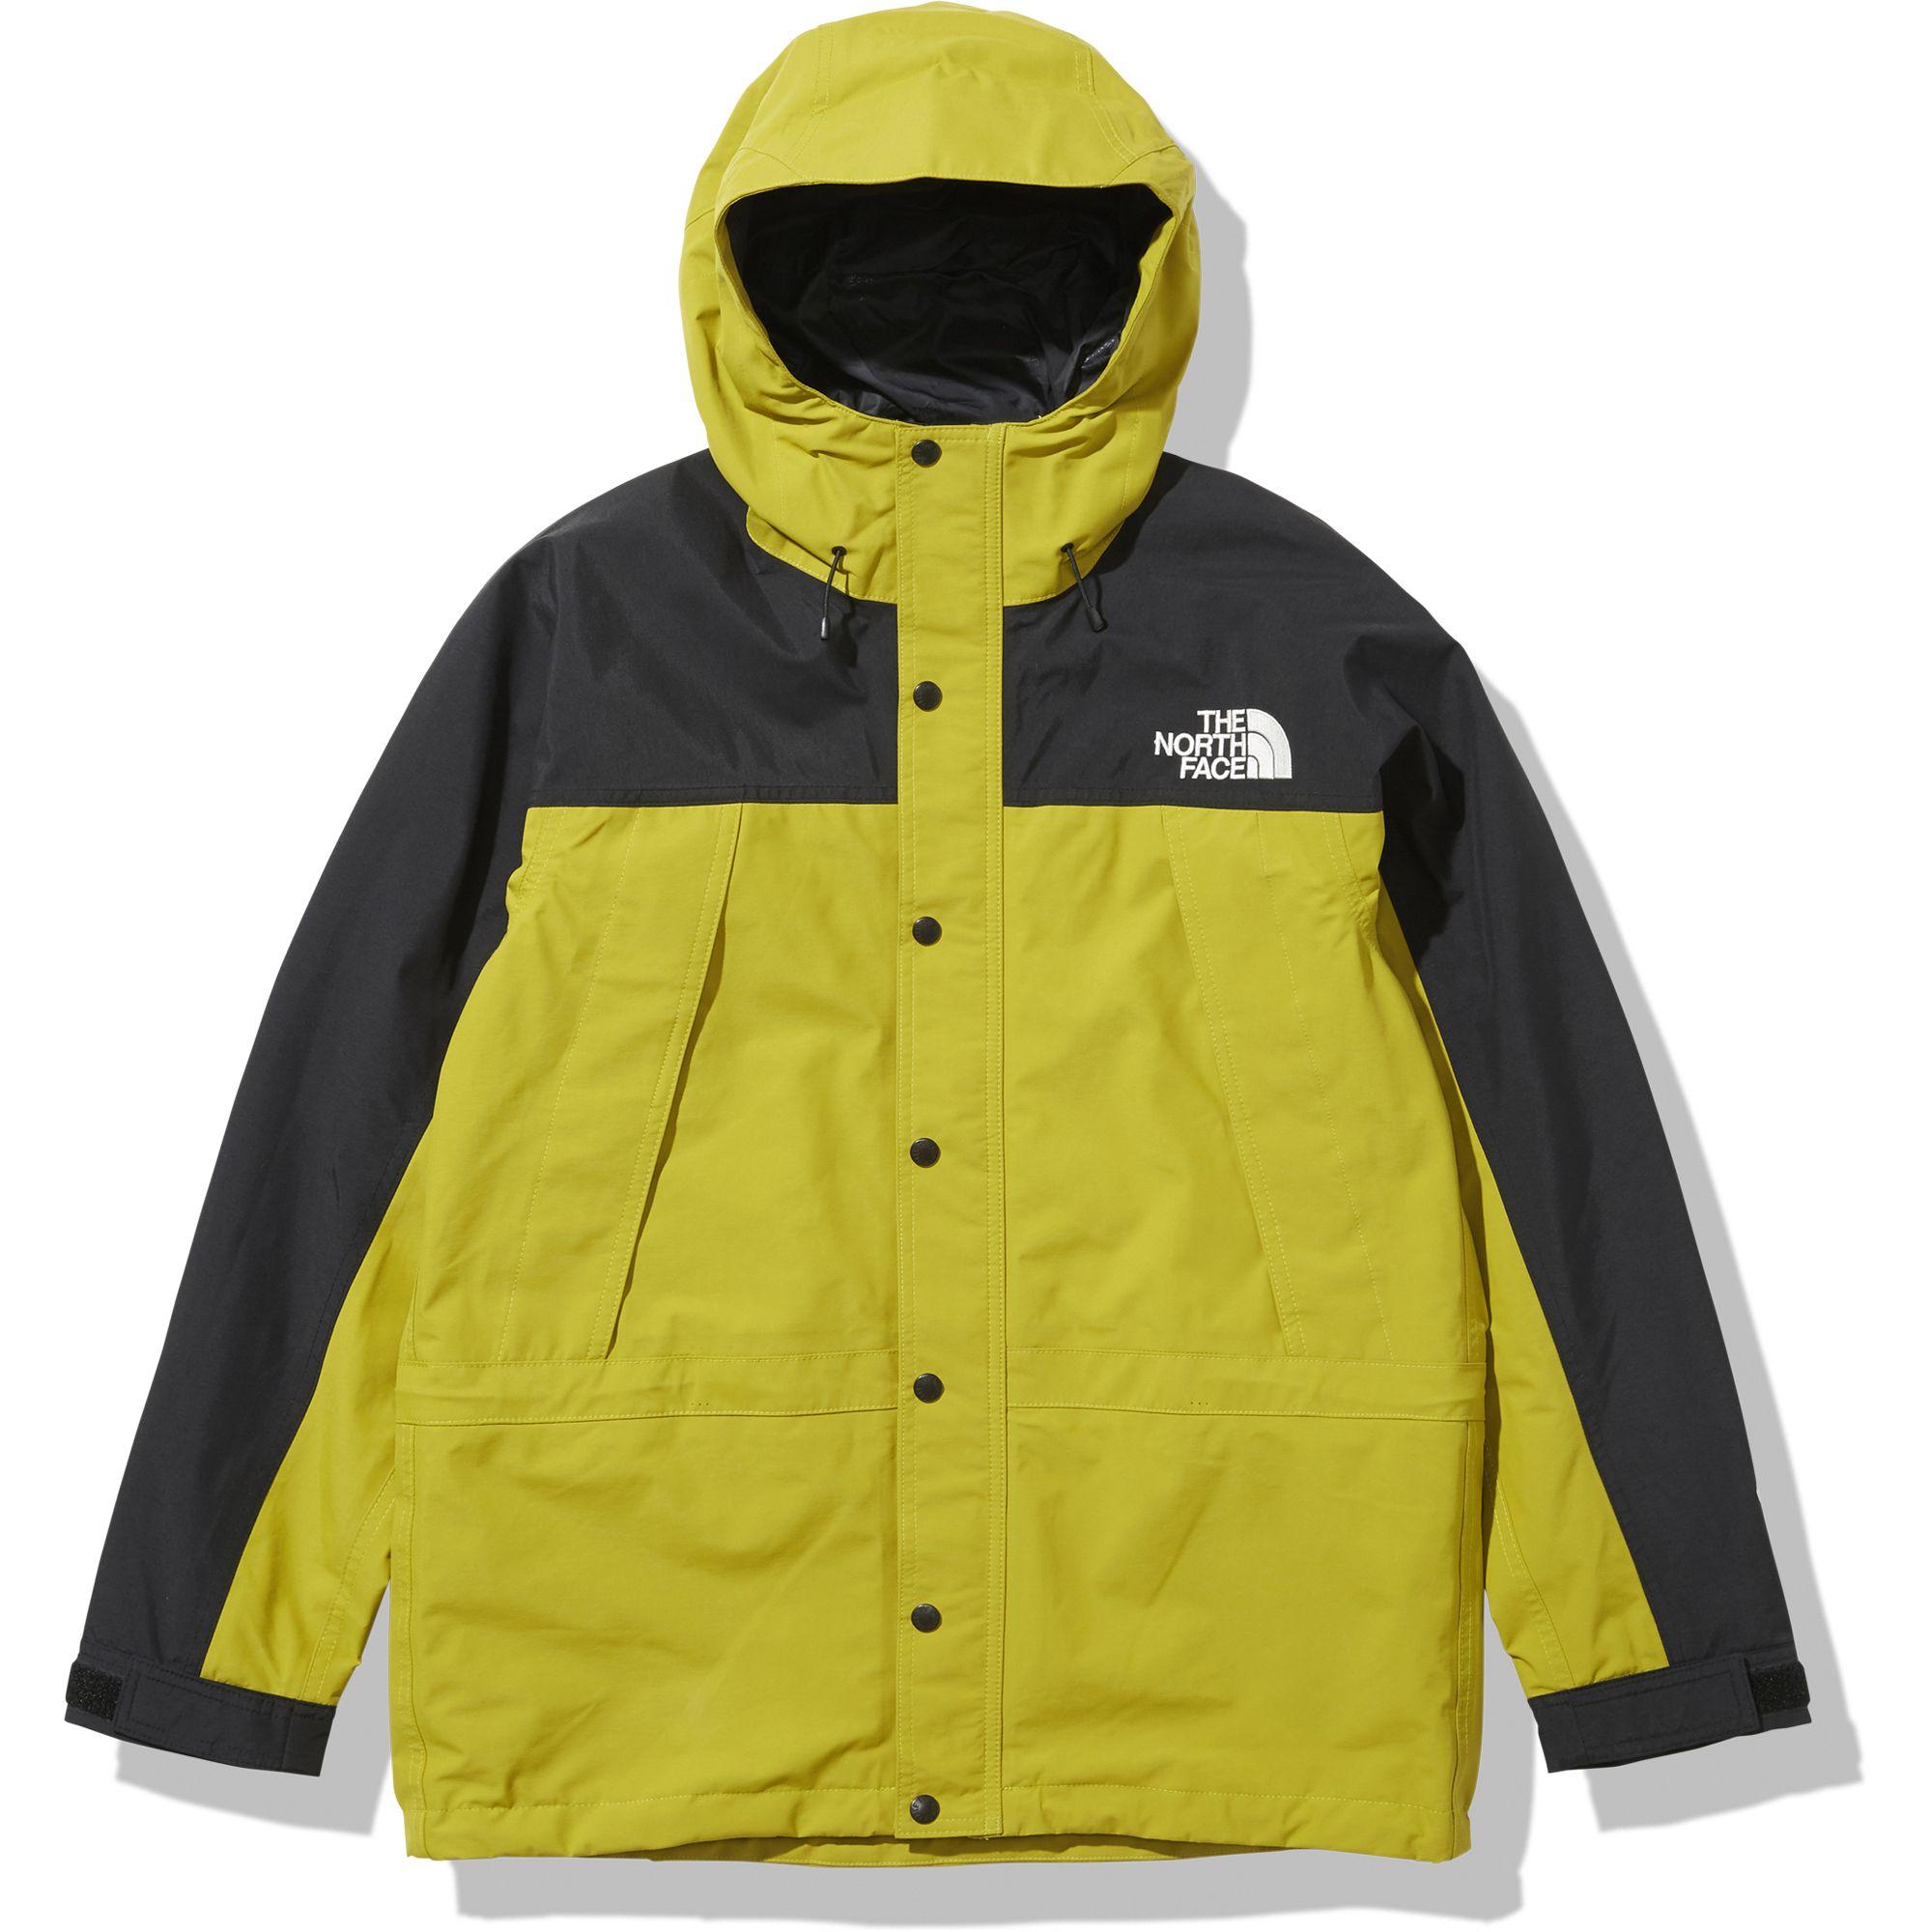 2021年最新在庫 GOLDWIN供給の日本正規商品です 激安超特価 ザ ノースフェイス NP11834 MT マウンテンライトジャケット メンズ Light Face Mountain 高品質新品 Mens North マッチャグリーン The Jacket